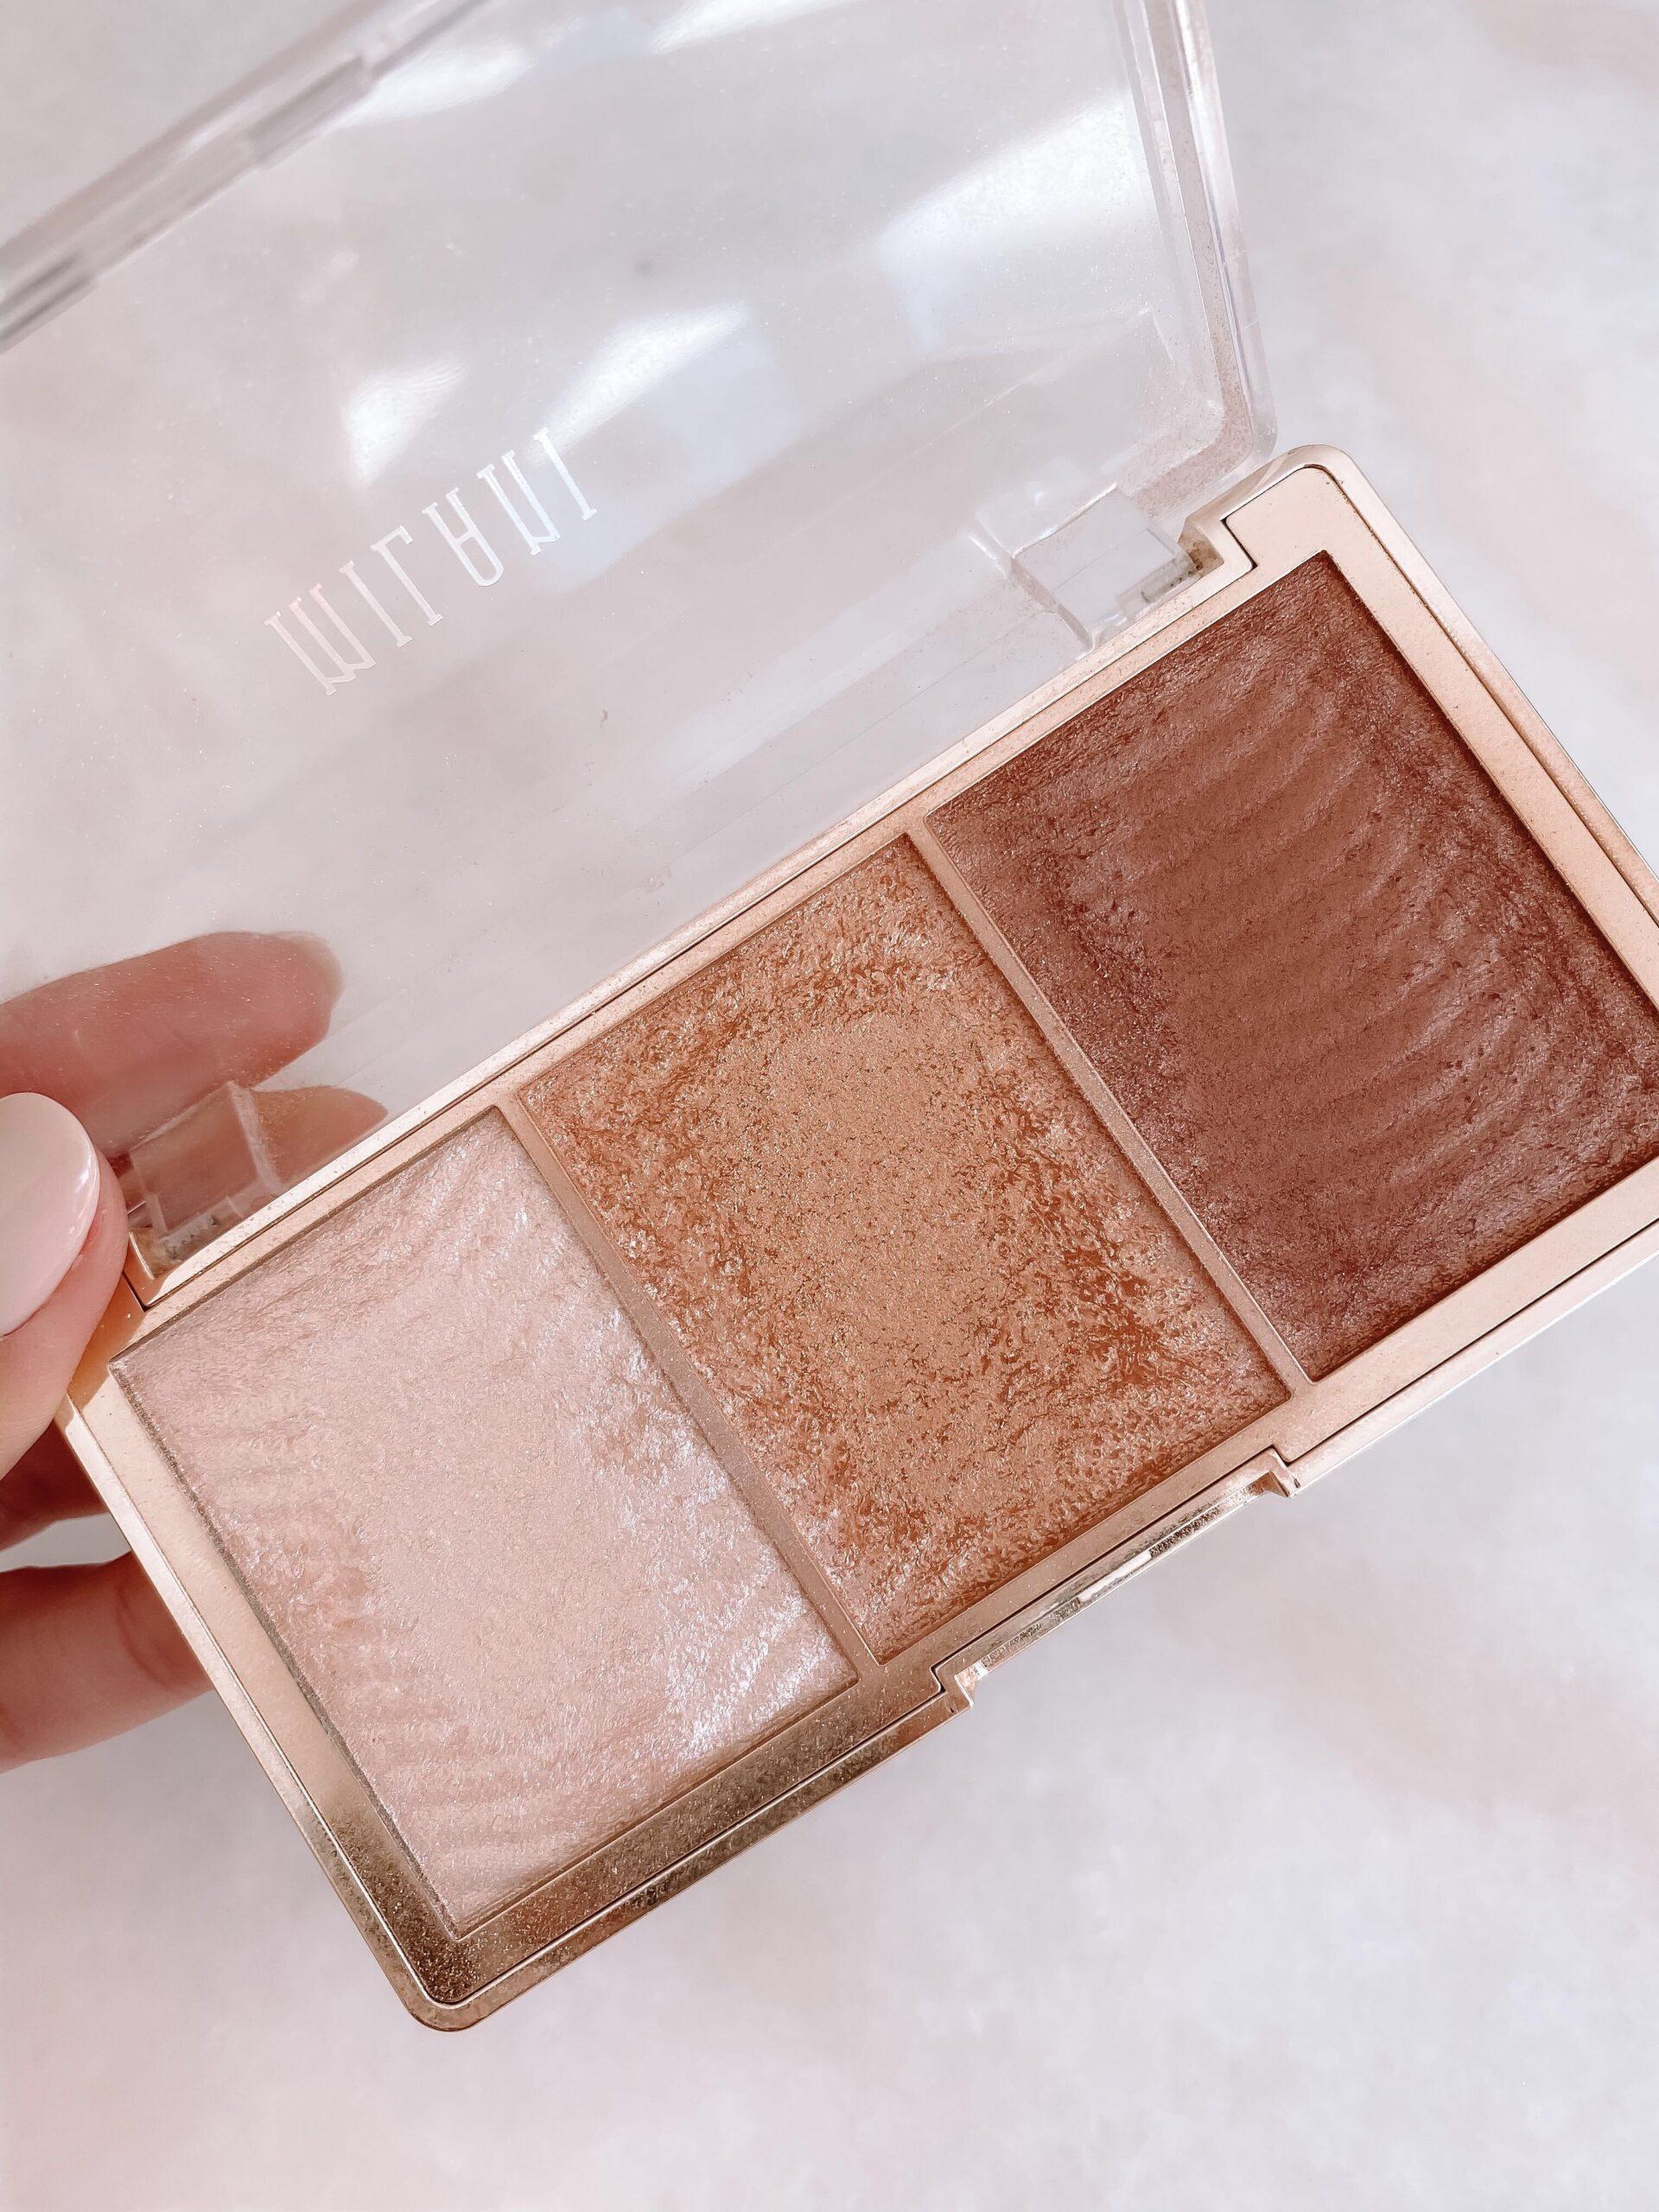 drugstore beauty, milani highlighter palette